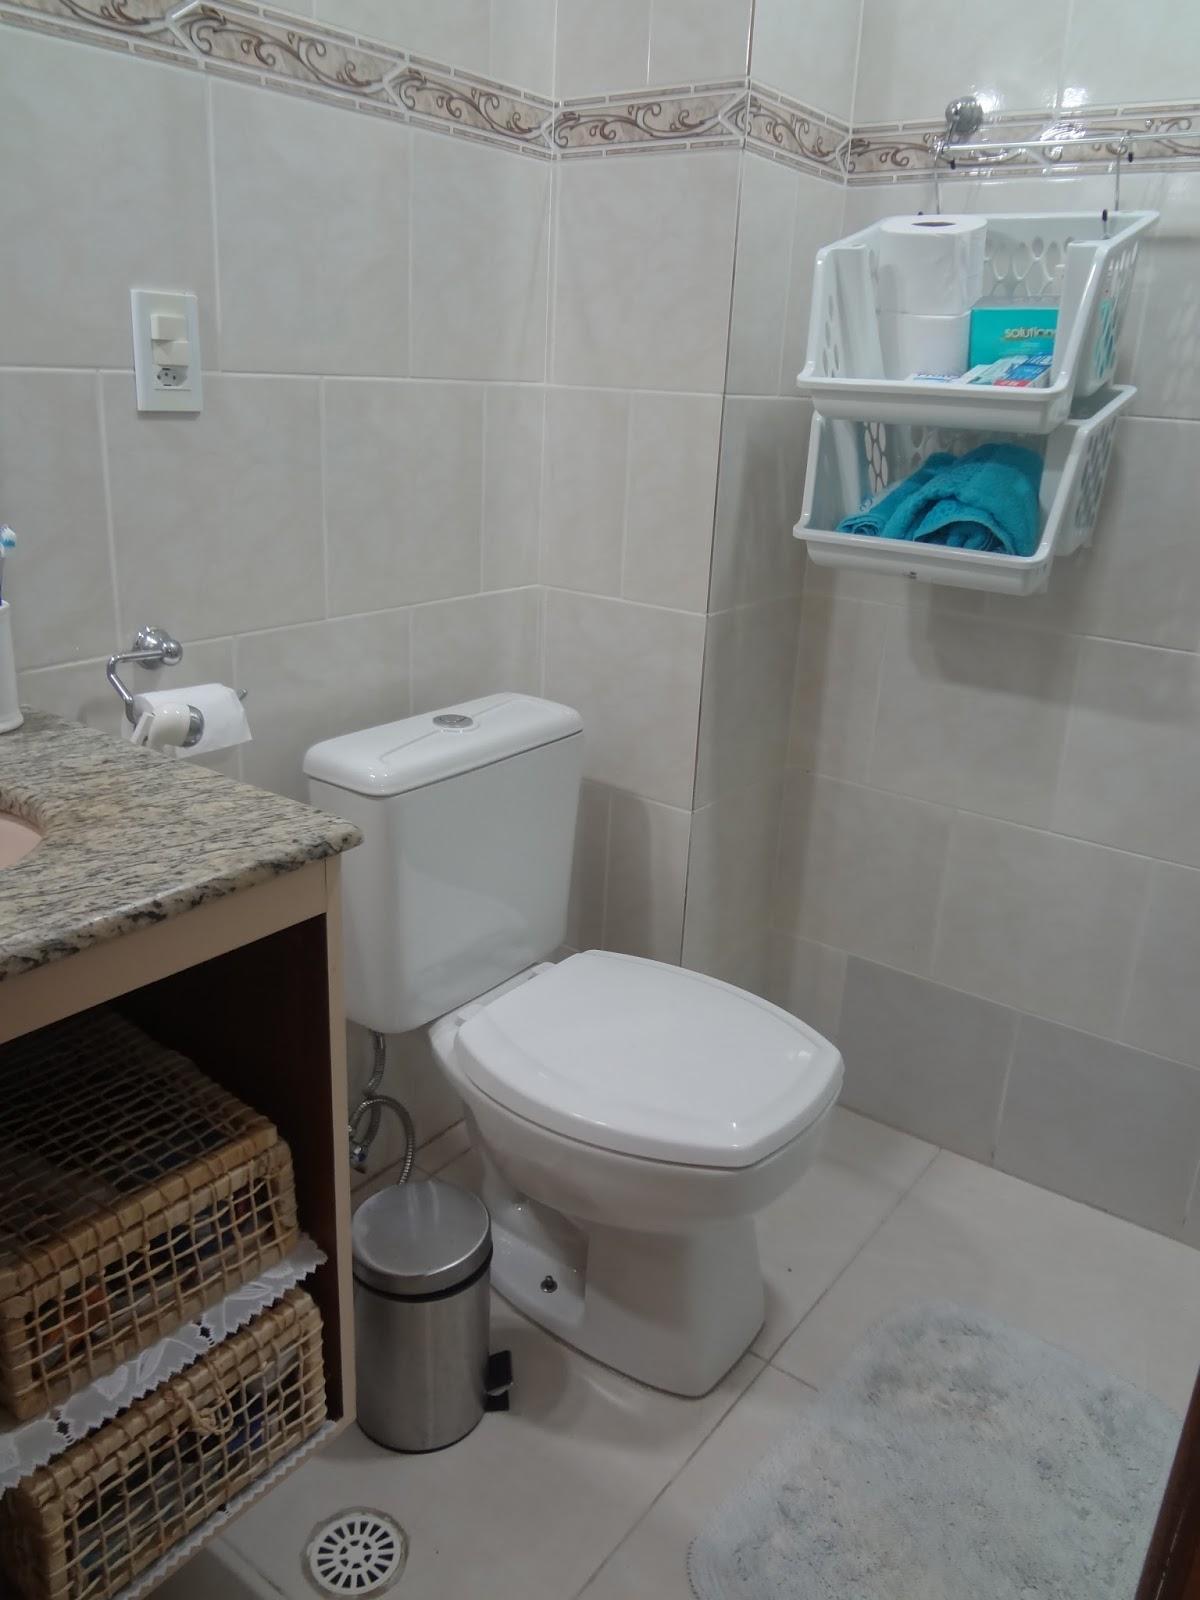 Minha Kasinha: Banheiro da Suite do Casal 1ª Edição vai ter  #207382 1200 1600